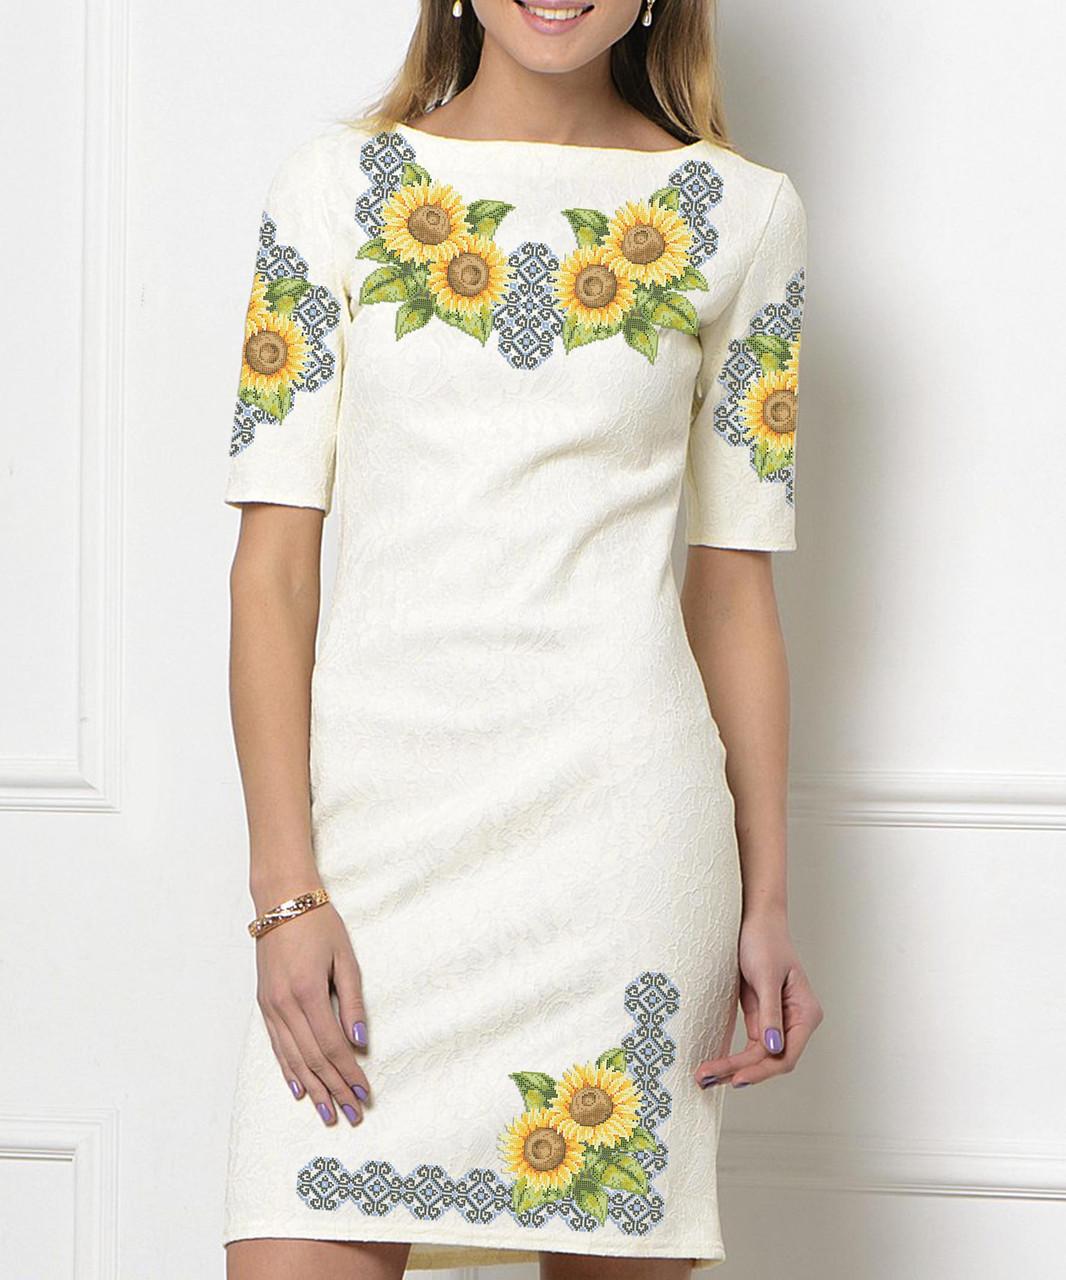 Заготовка жіночого плаття чи сукні для вишивки та вишивання бісером Бисерок  «Соняшники» (П-13 ГБ) Габардин